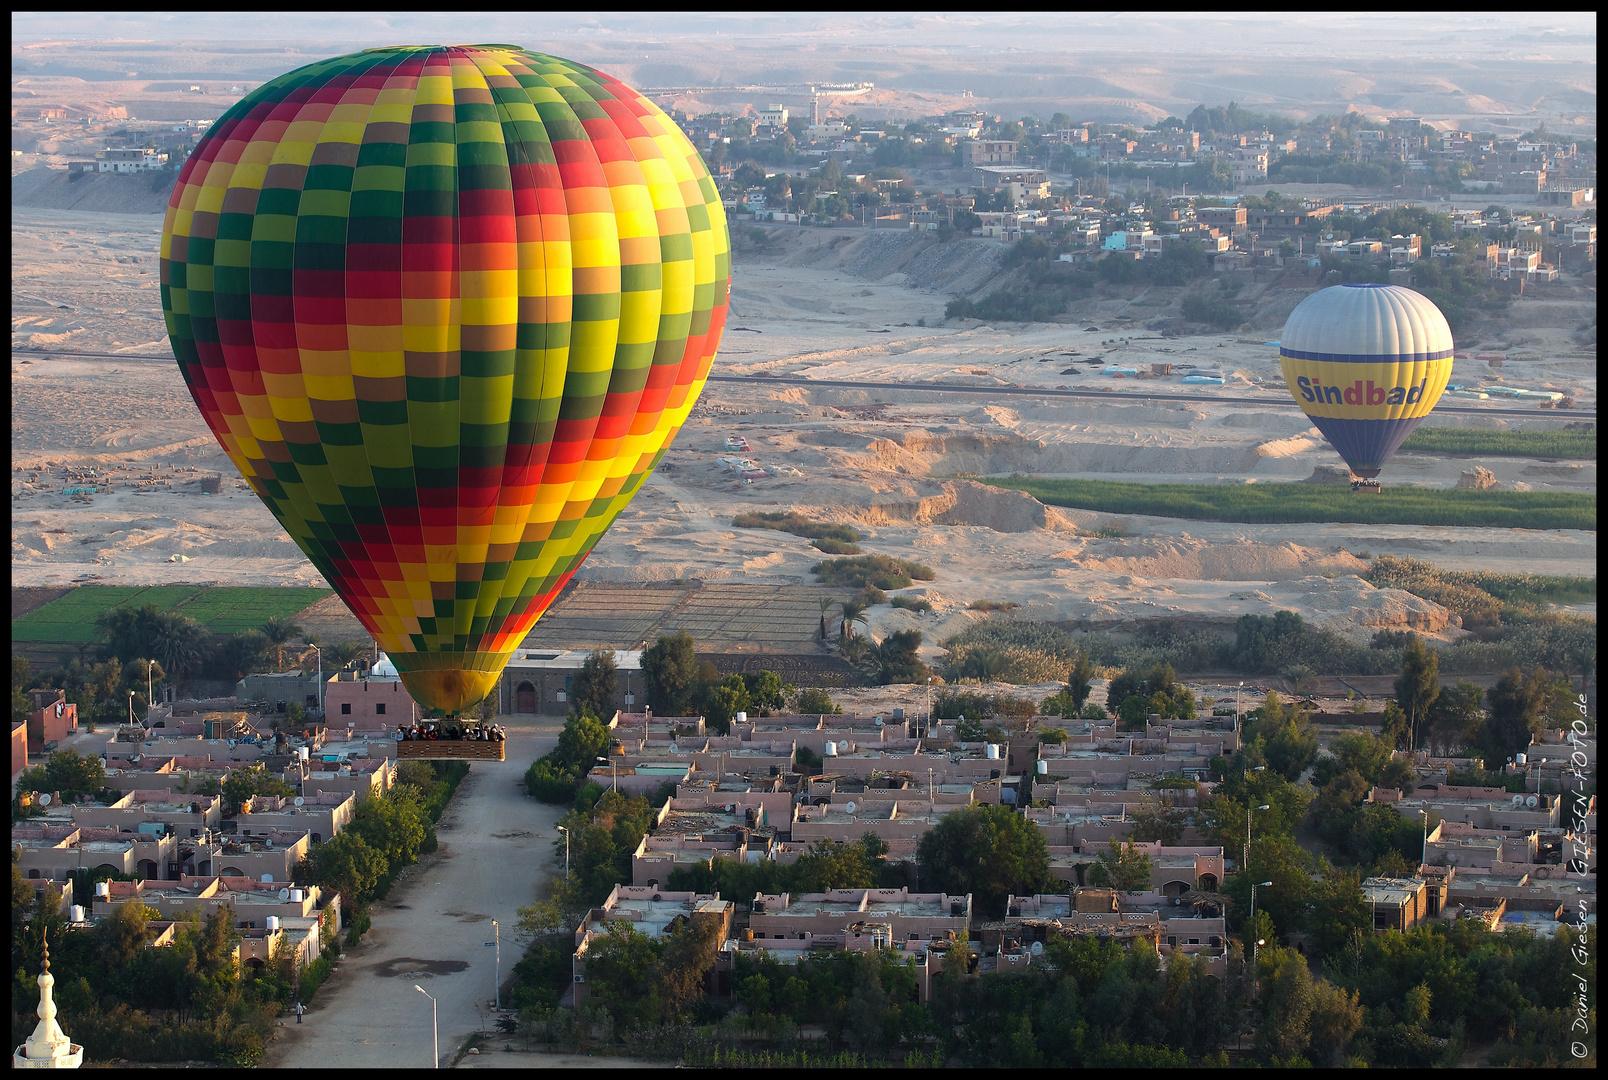 Balloons over Luxor 04, Egypt 2011